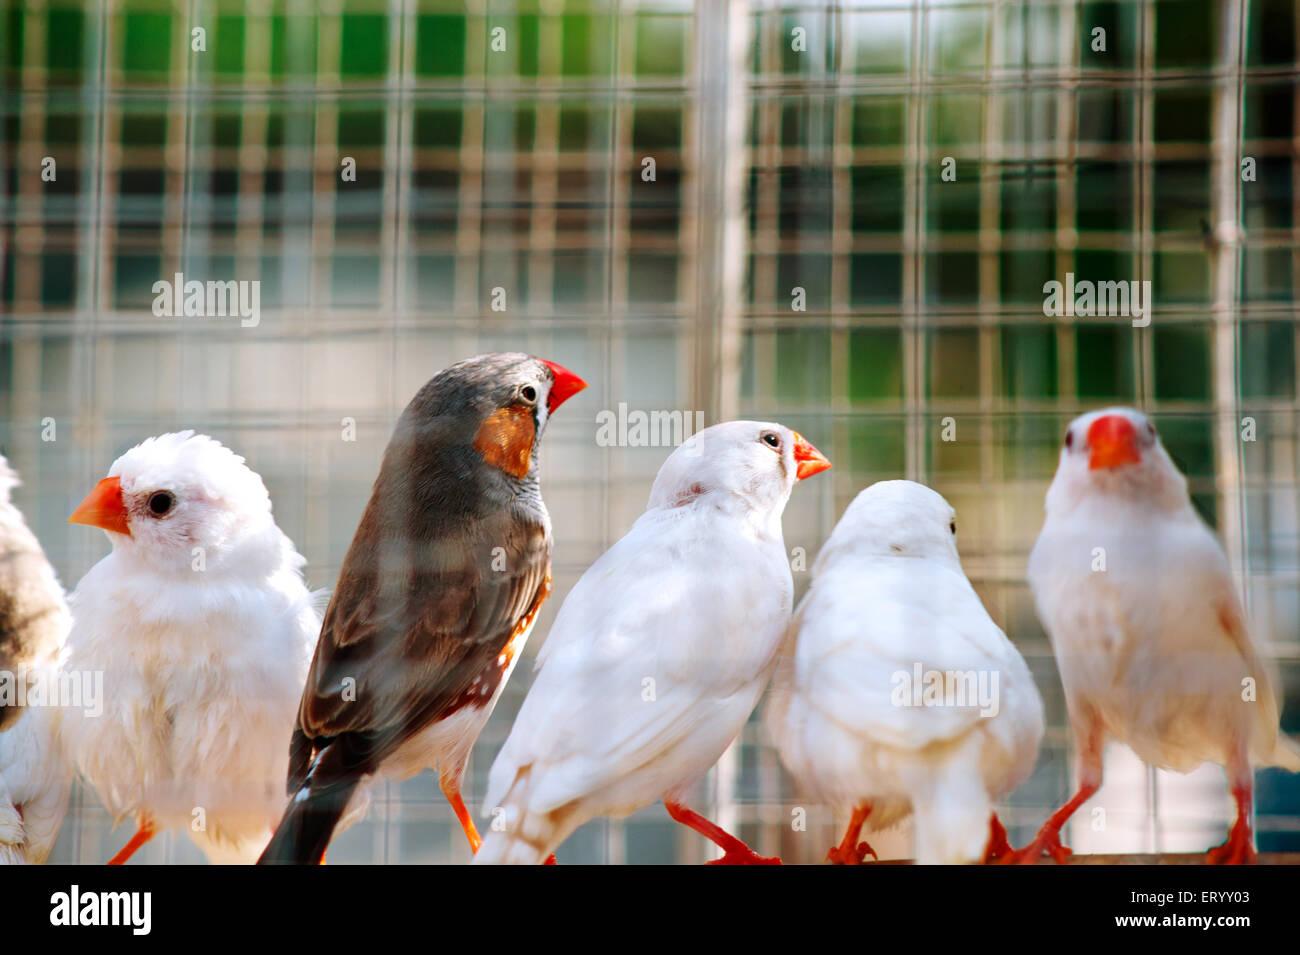 Voliere Vogel gemeinsame Wachs Rechnungen Stockbild